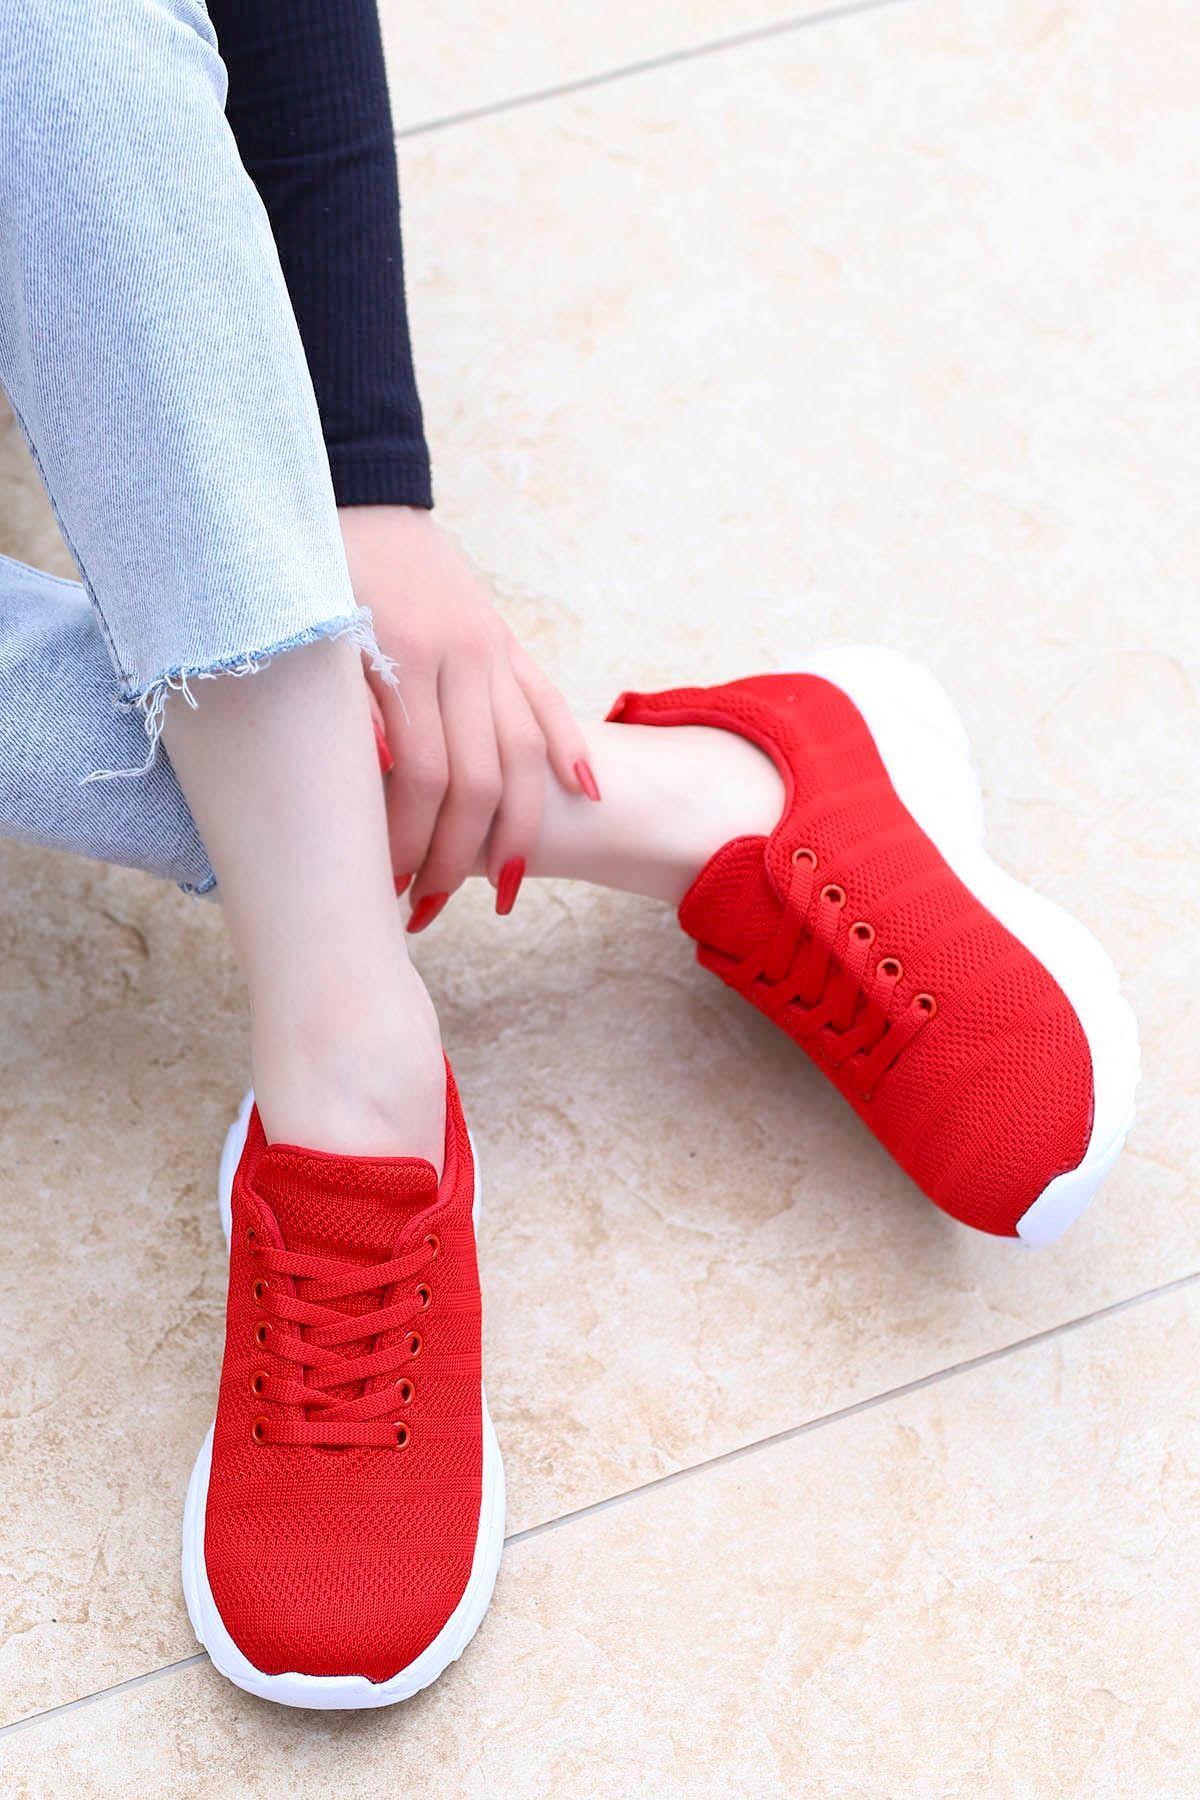 Violet Tabanlı Triko Spor Ayakkabı Kırmızı